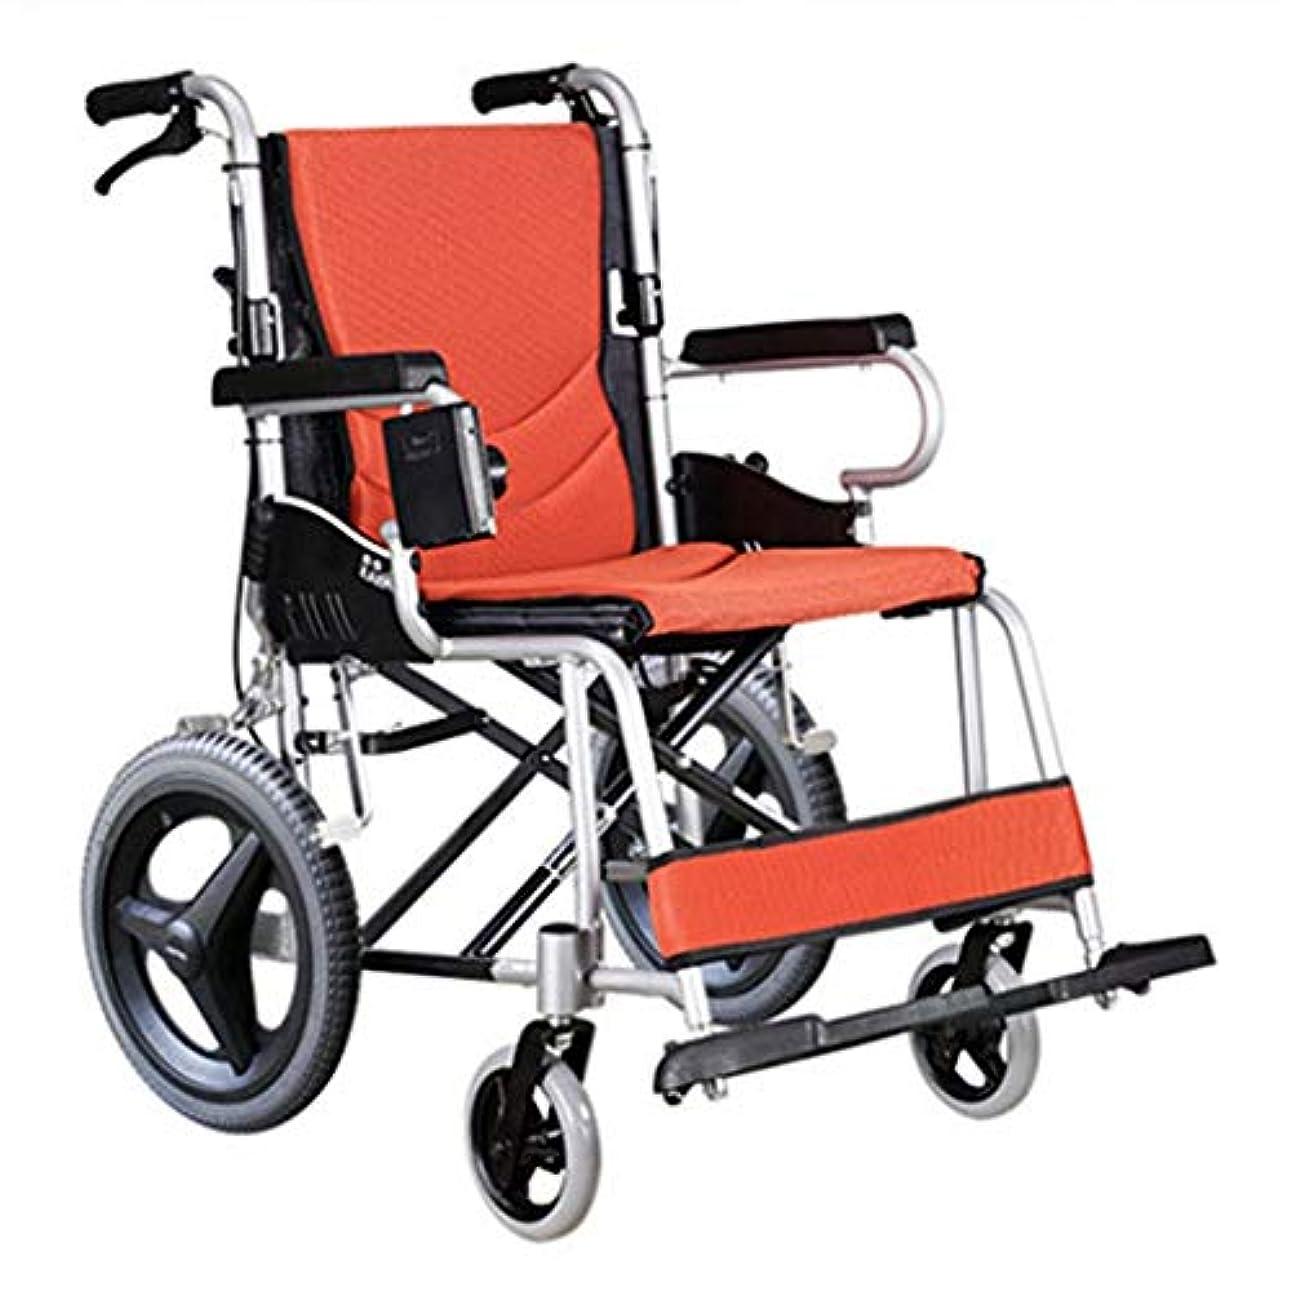 ほこりっぽいしなやかな破壊的折りたたみ車椅子、航空用アルミニウム合金車椅子ソリッドタイヤ、高齢者向けダブルブレーキデザイン野外活動車椅子トロリー